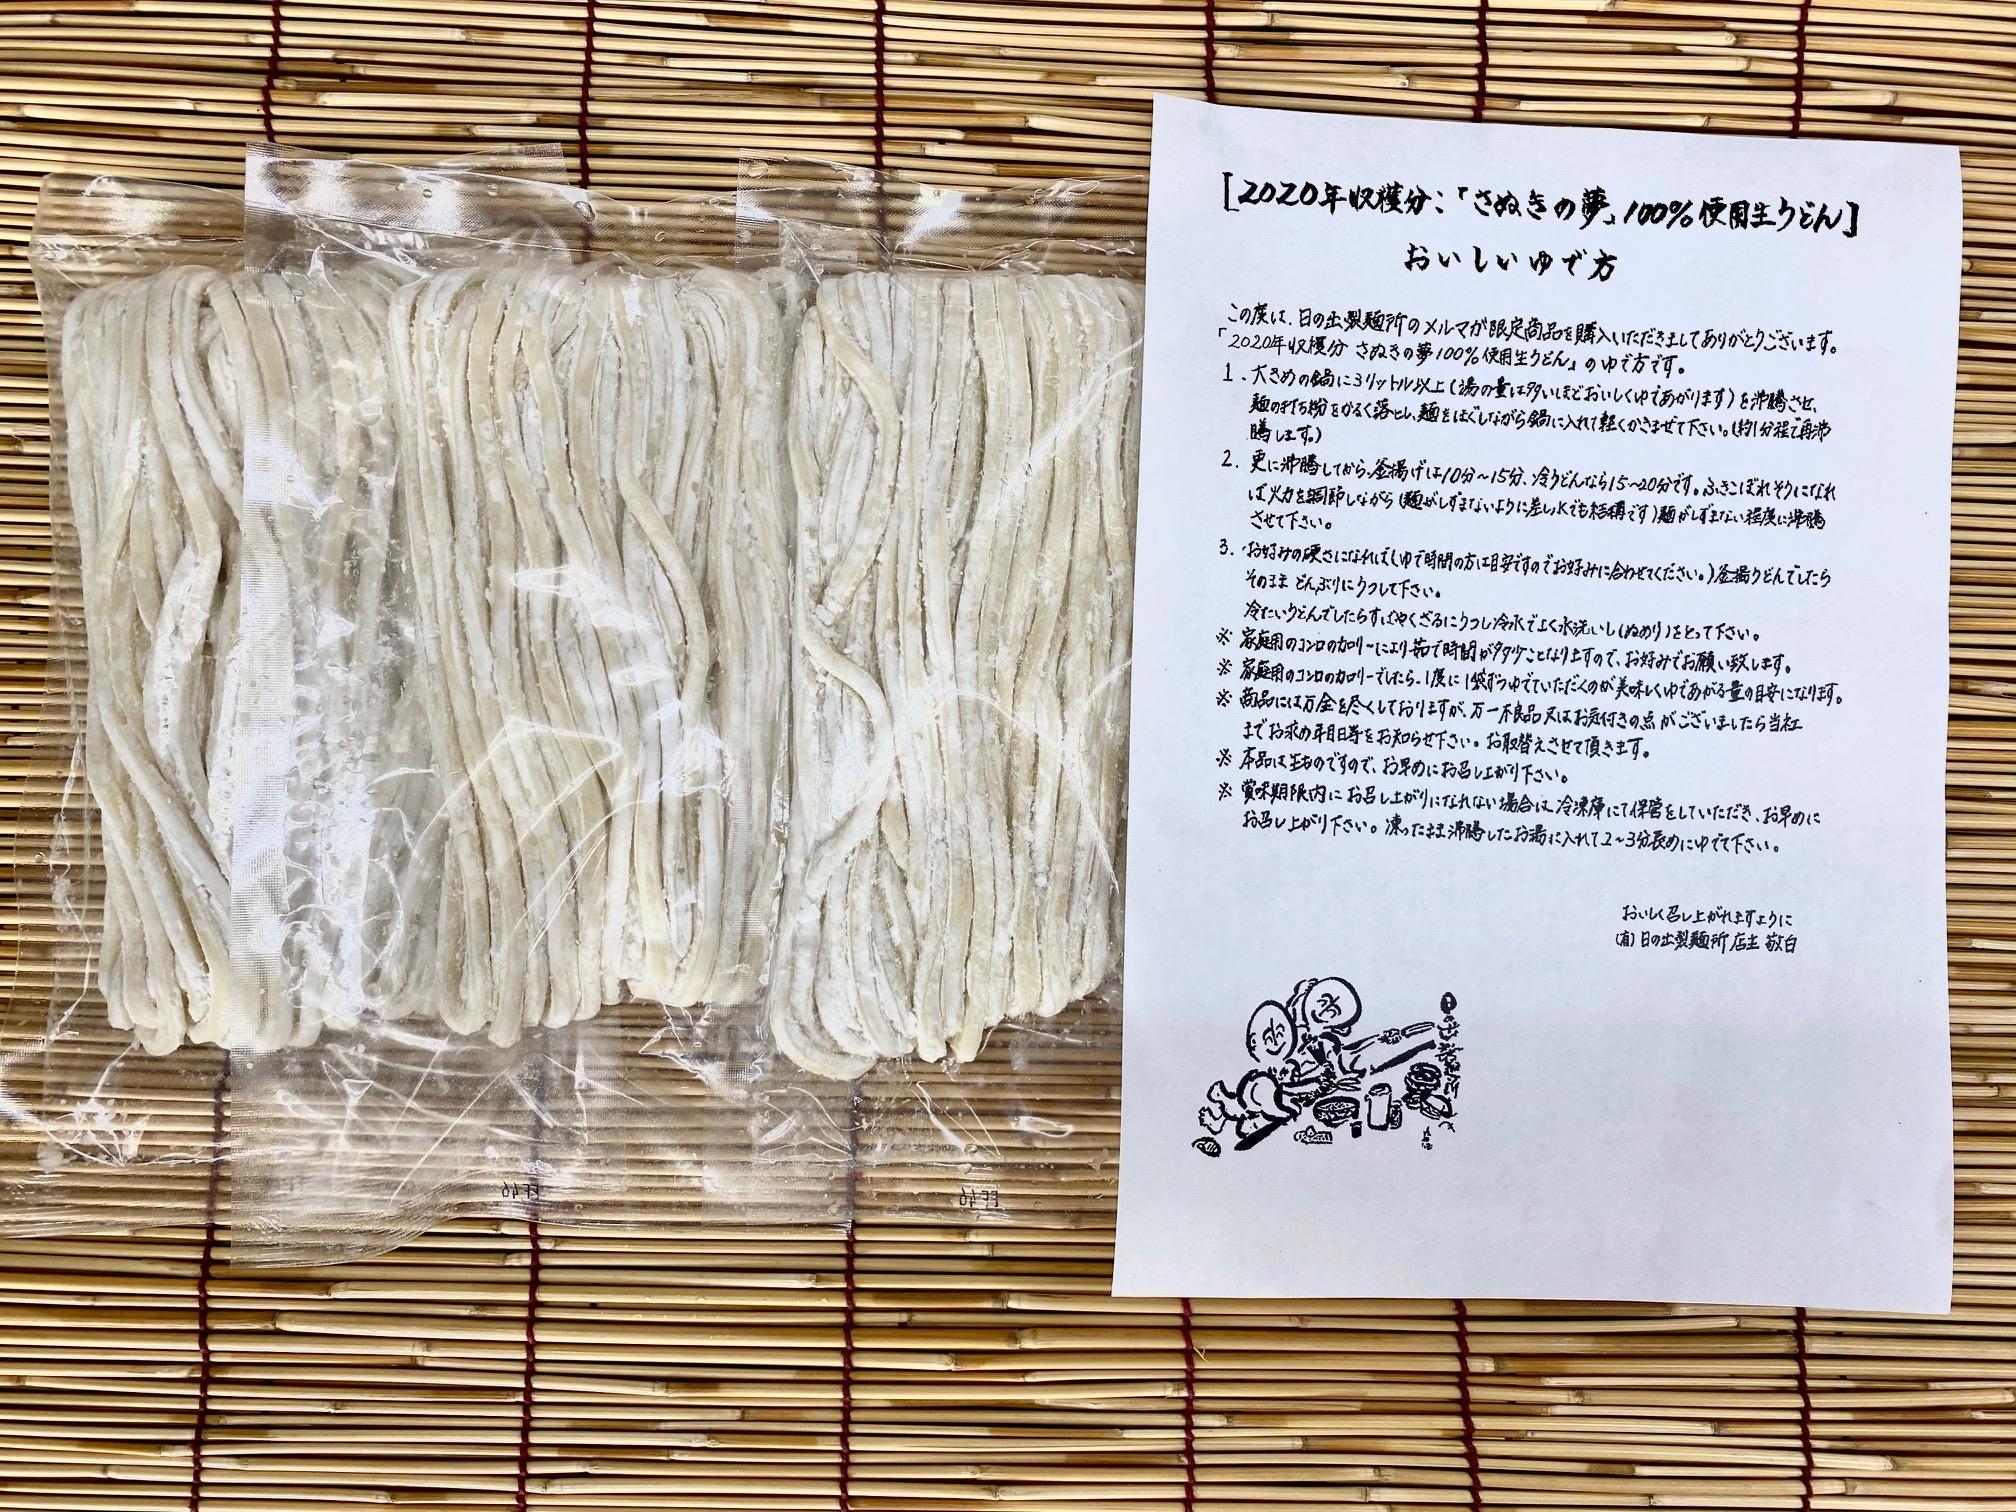 2020年度収穫香川県産小麦 「さぬきの夢」100%使用生うどん 麺のみ300g×3袋